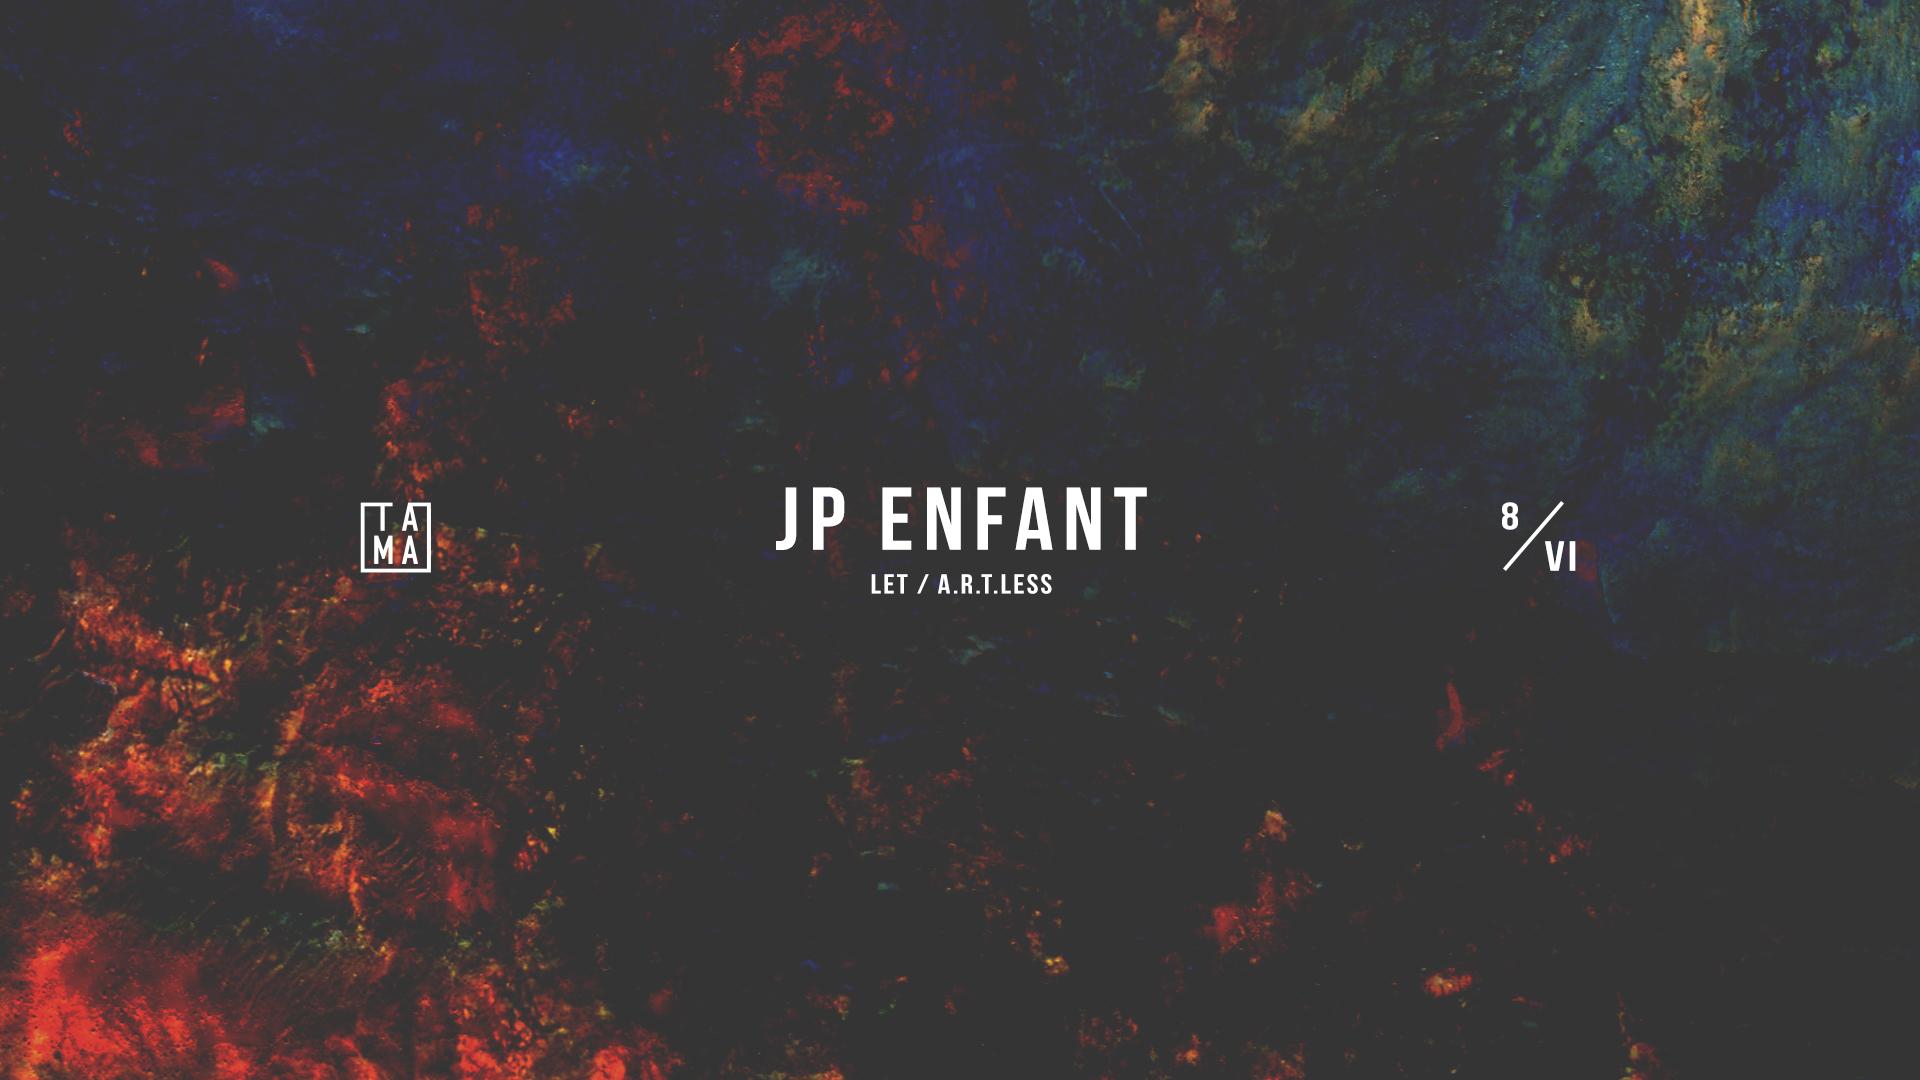 JP Enfant